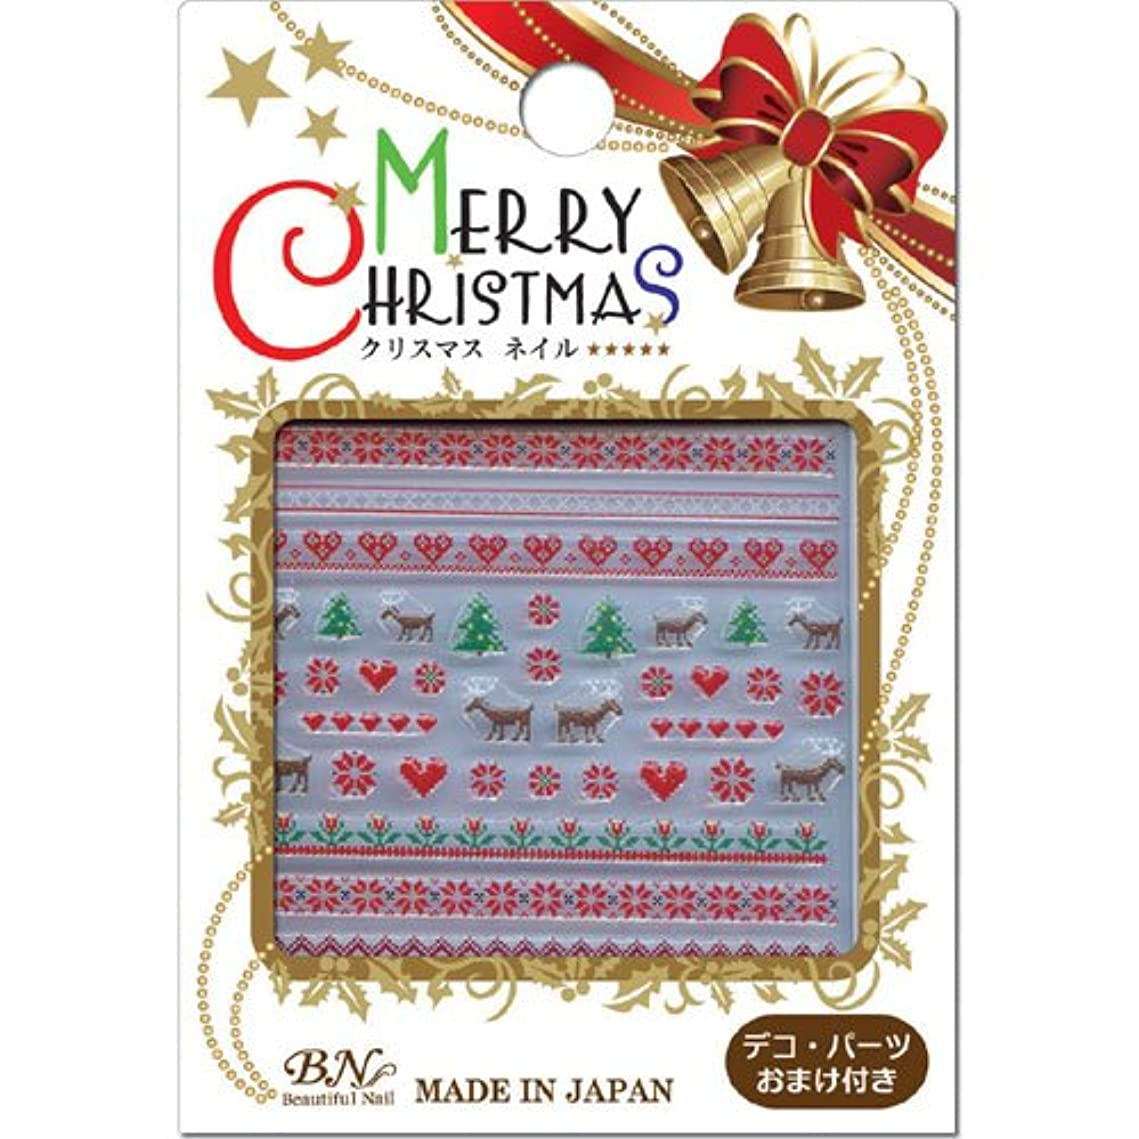 遅滞ベーシックキャベツビーエヌ ネイル用シール クリスマス ノルディック CRM-06